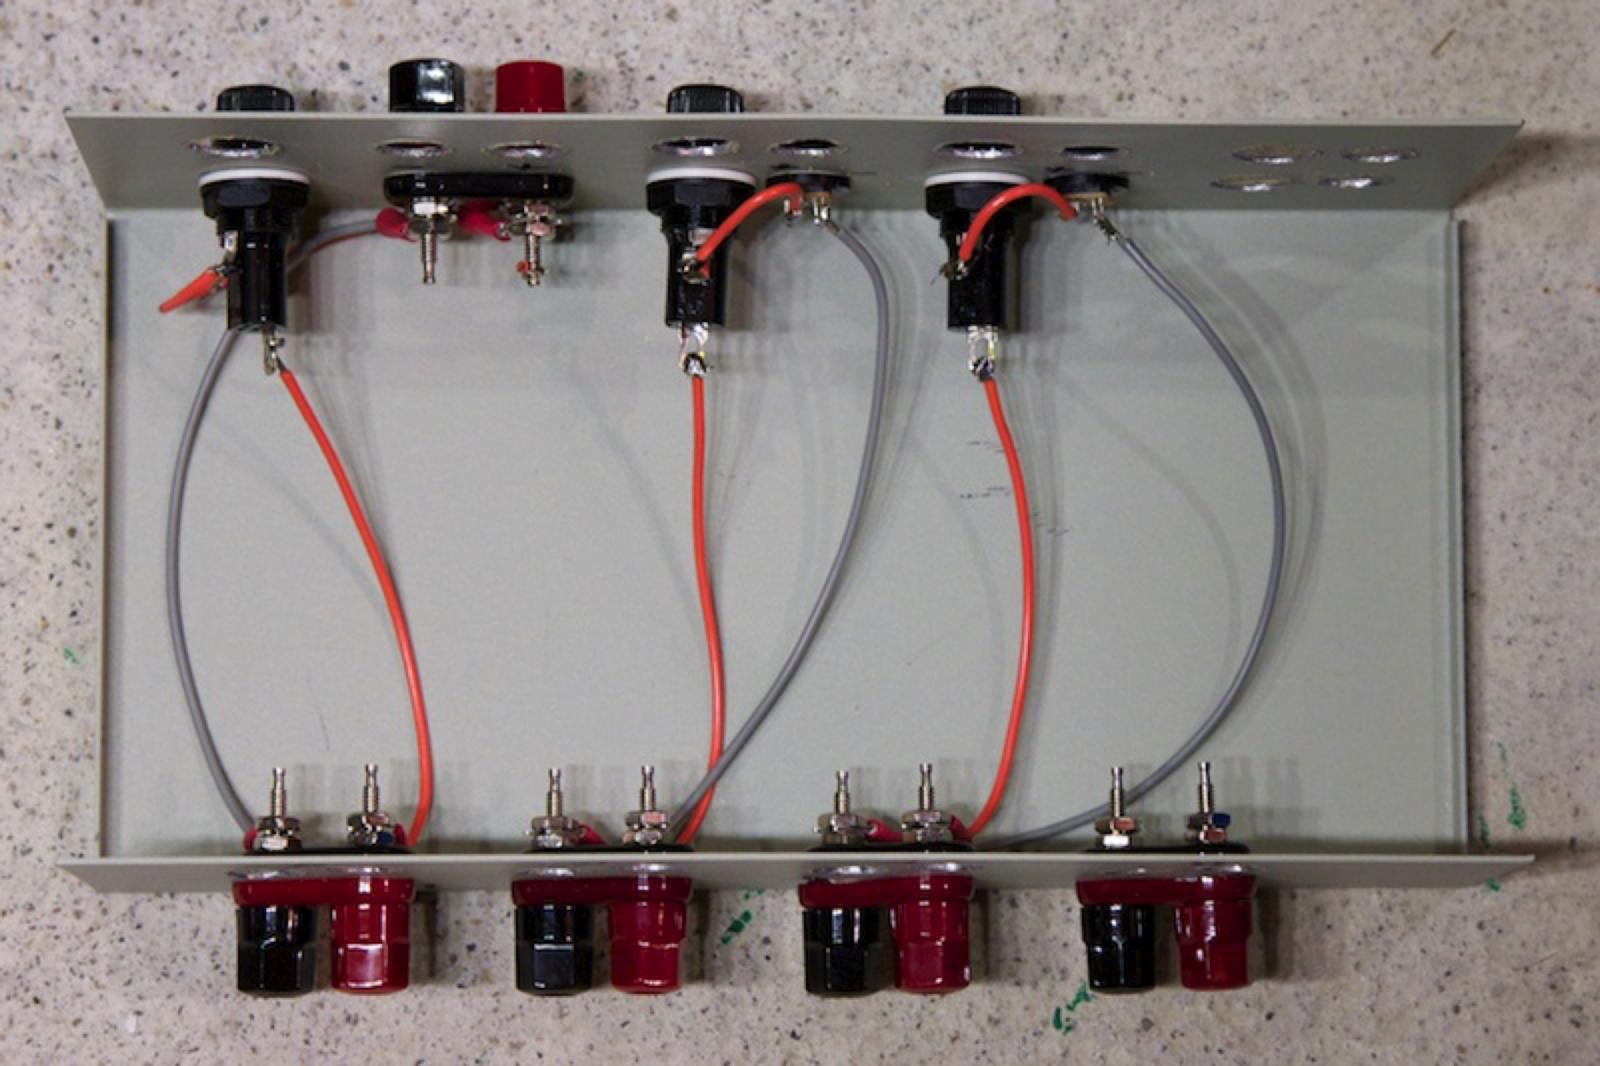 Electrical Photos0 Dc Fuse Box